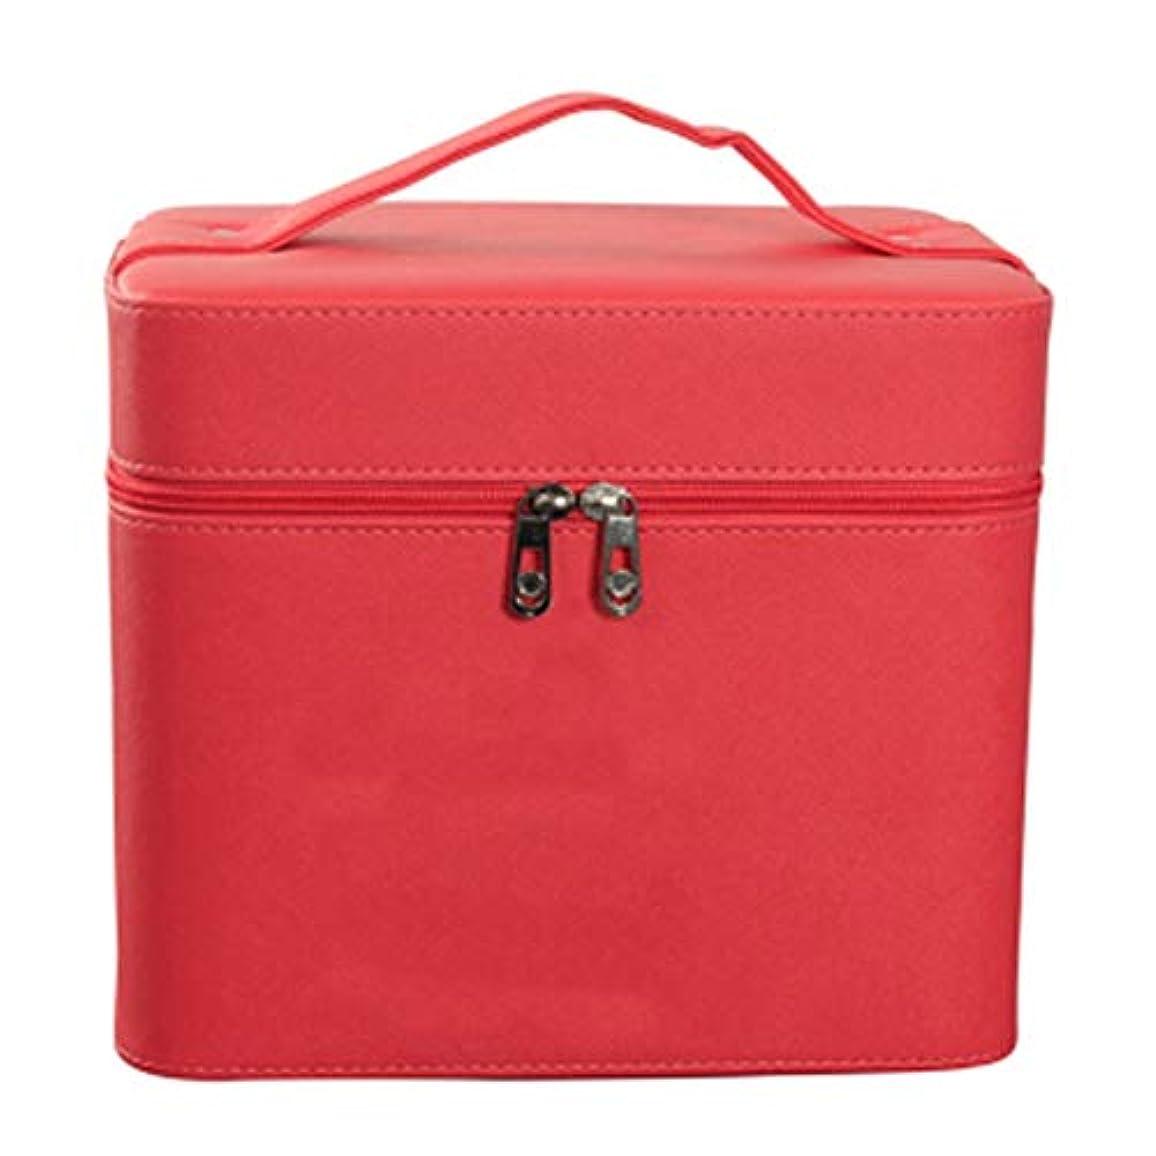 アクション超越する小道具化粧オーガナイザーバッグ ジッパーと化粧鏡で小さなものの種類の旅行のための美容メイクアップのための赤いポータブル化粧品バッグ 化粧品ケース